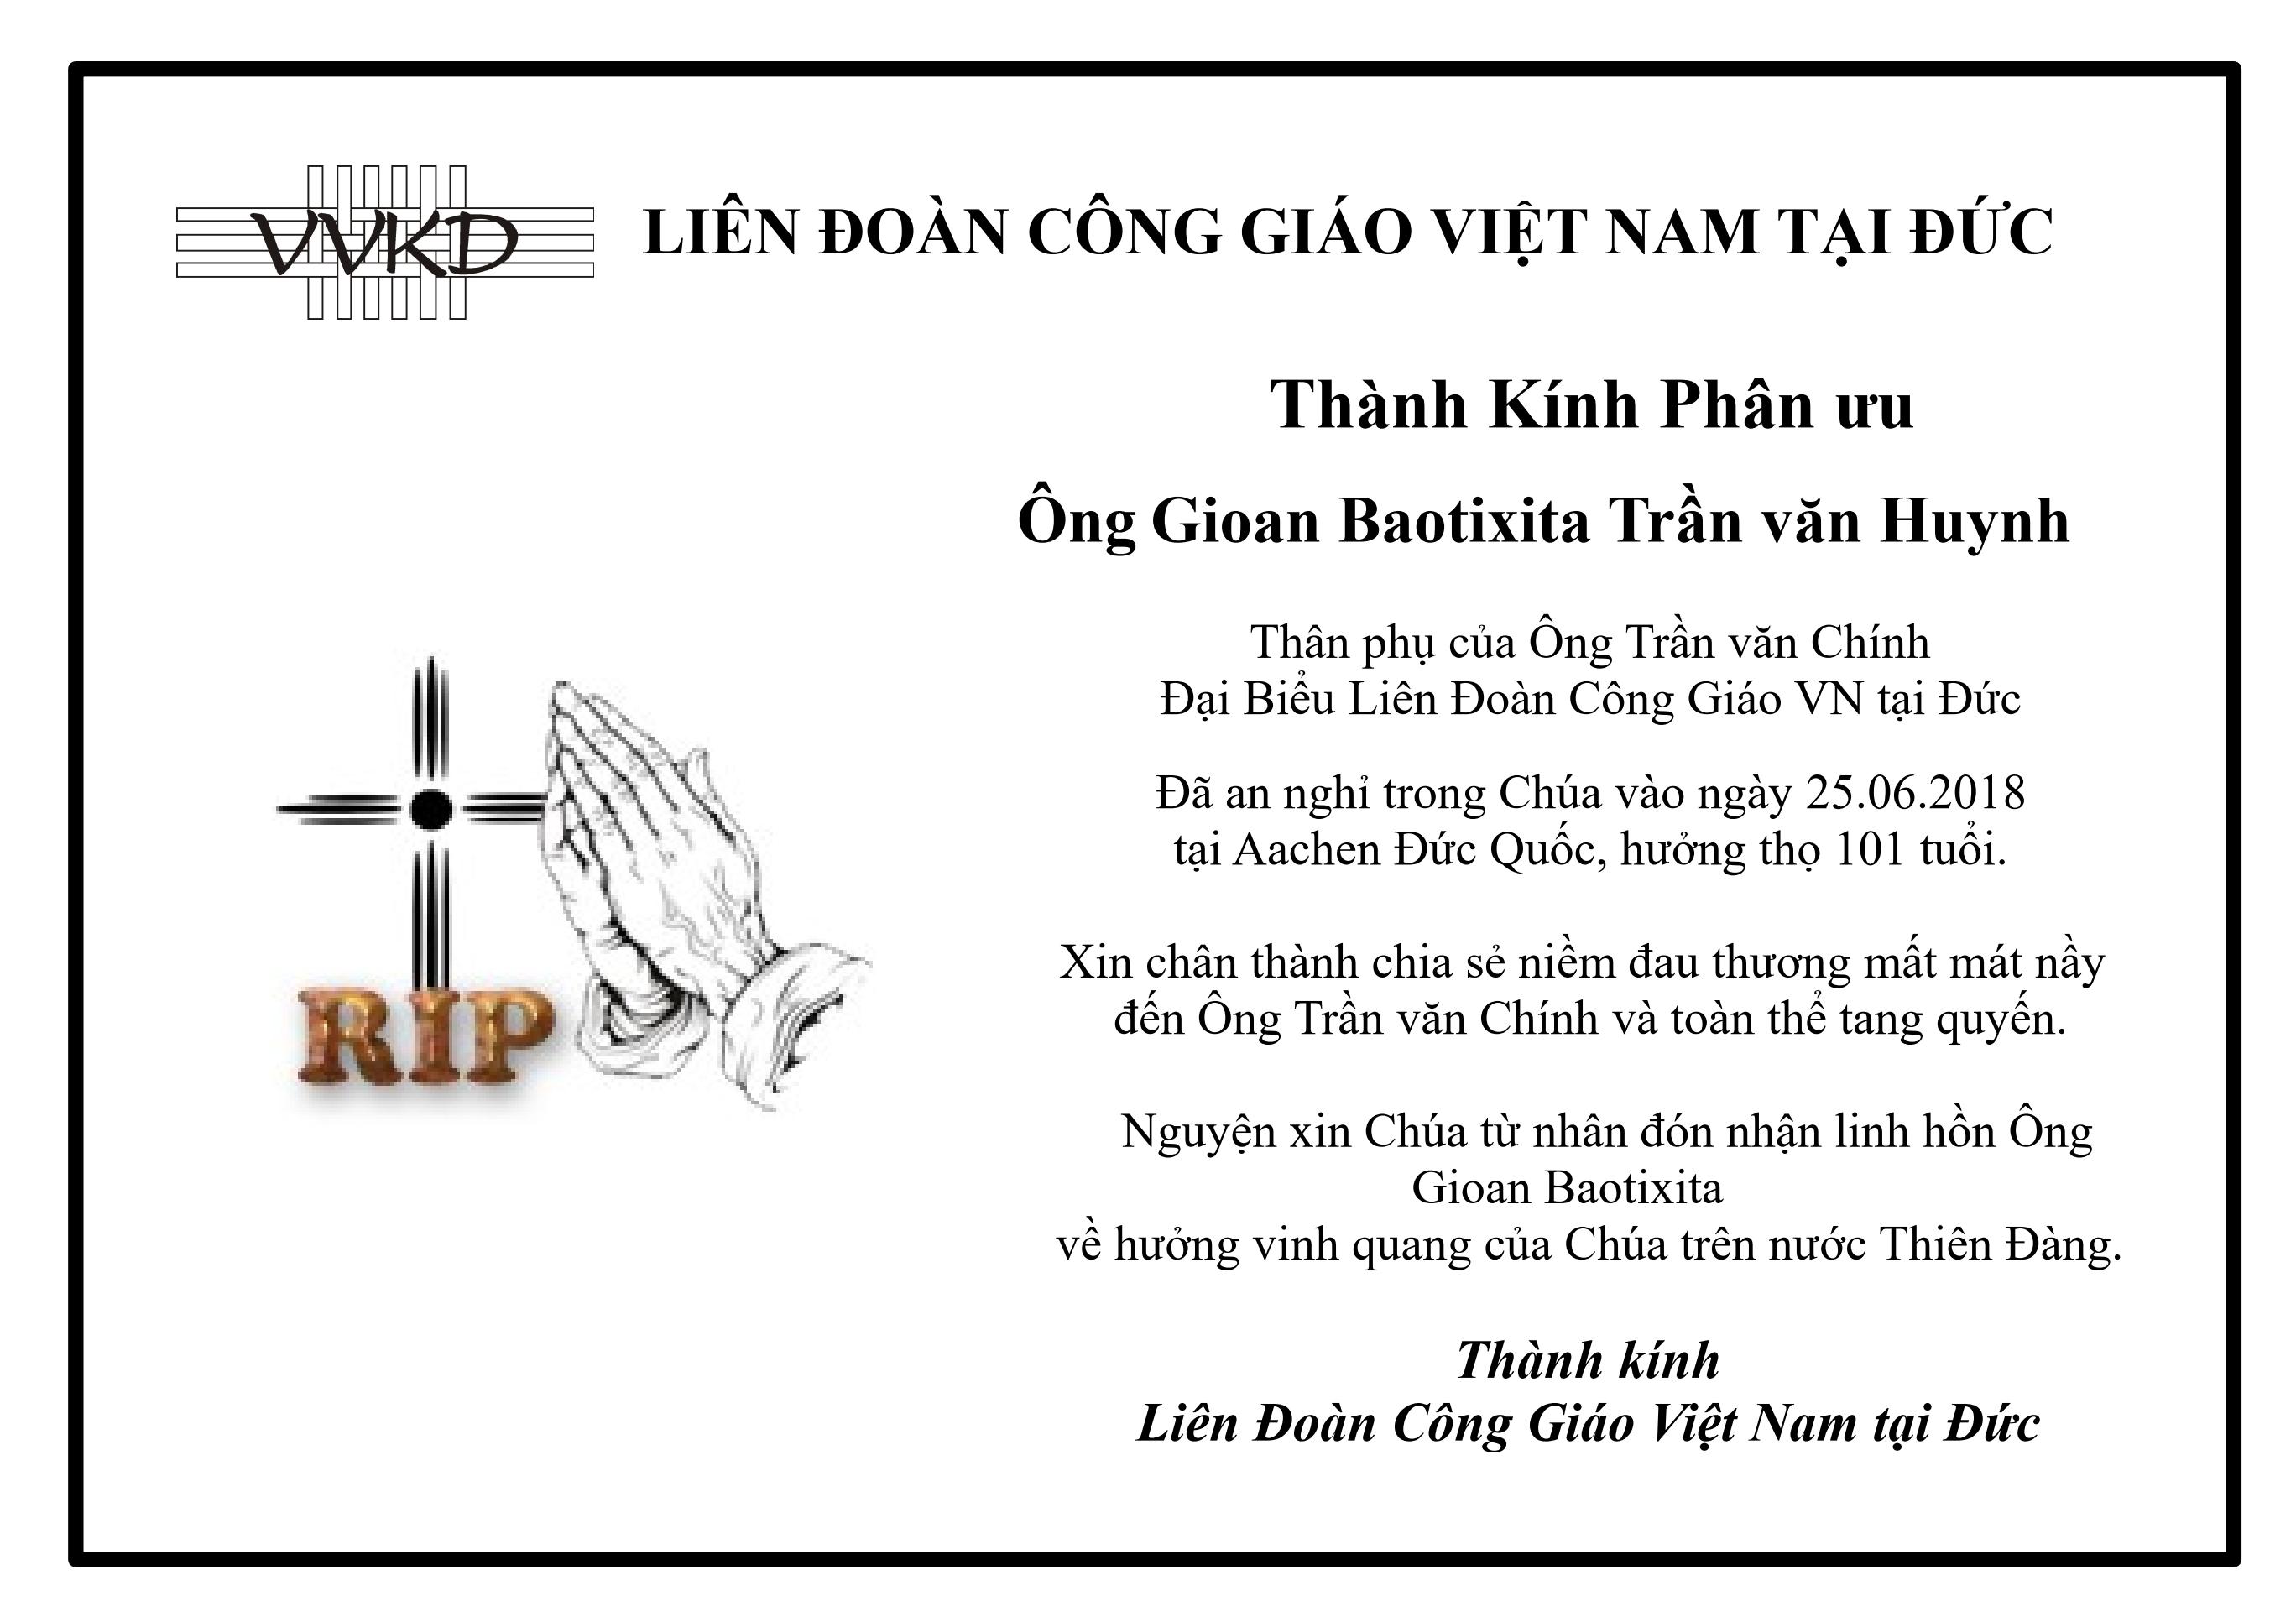 Phan Uu Than Phu Ong Tran Van Chinh